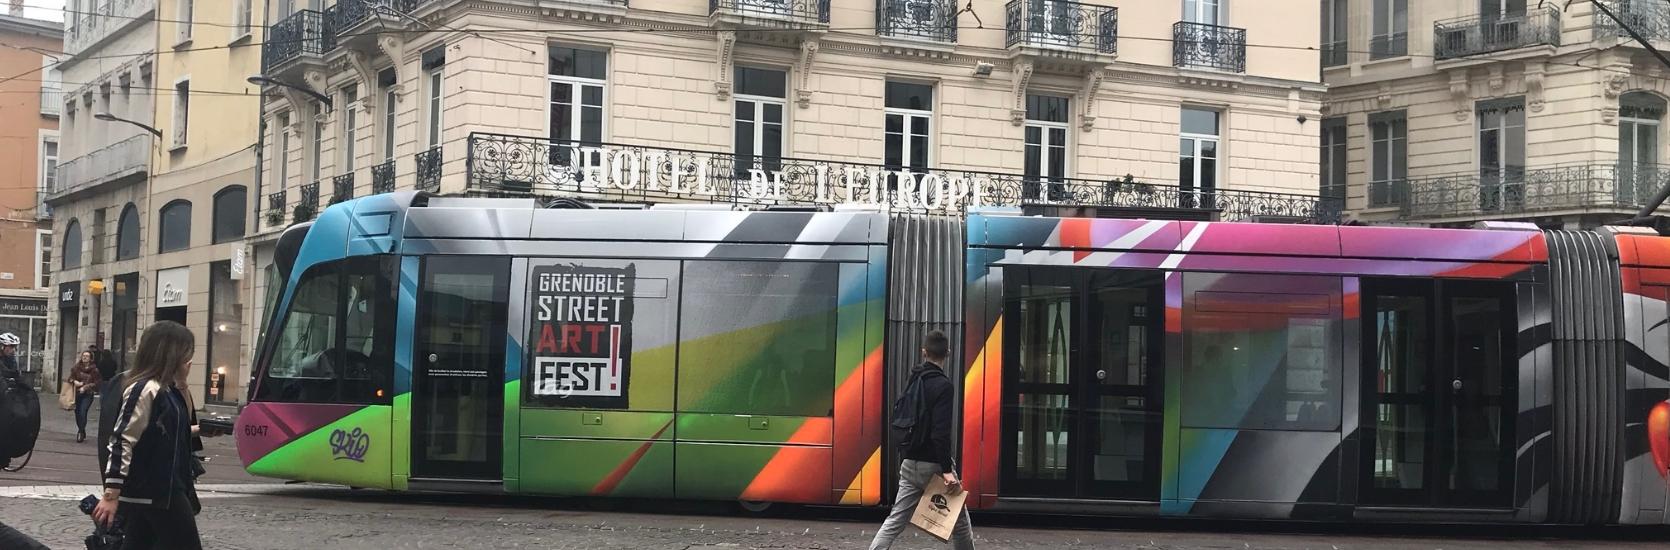 Tram-StreetArtGrenoble2018